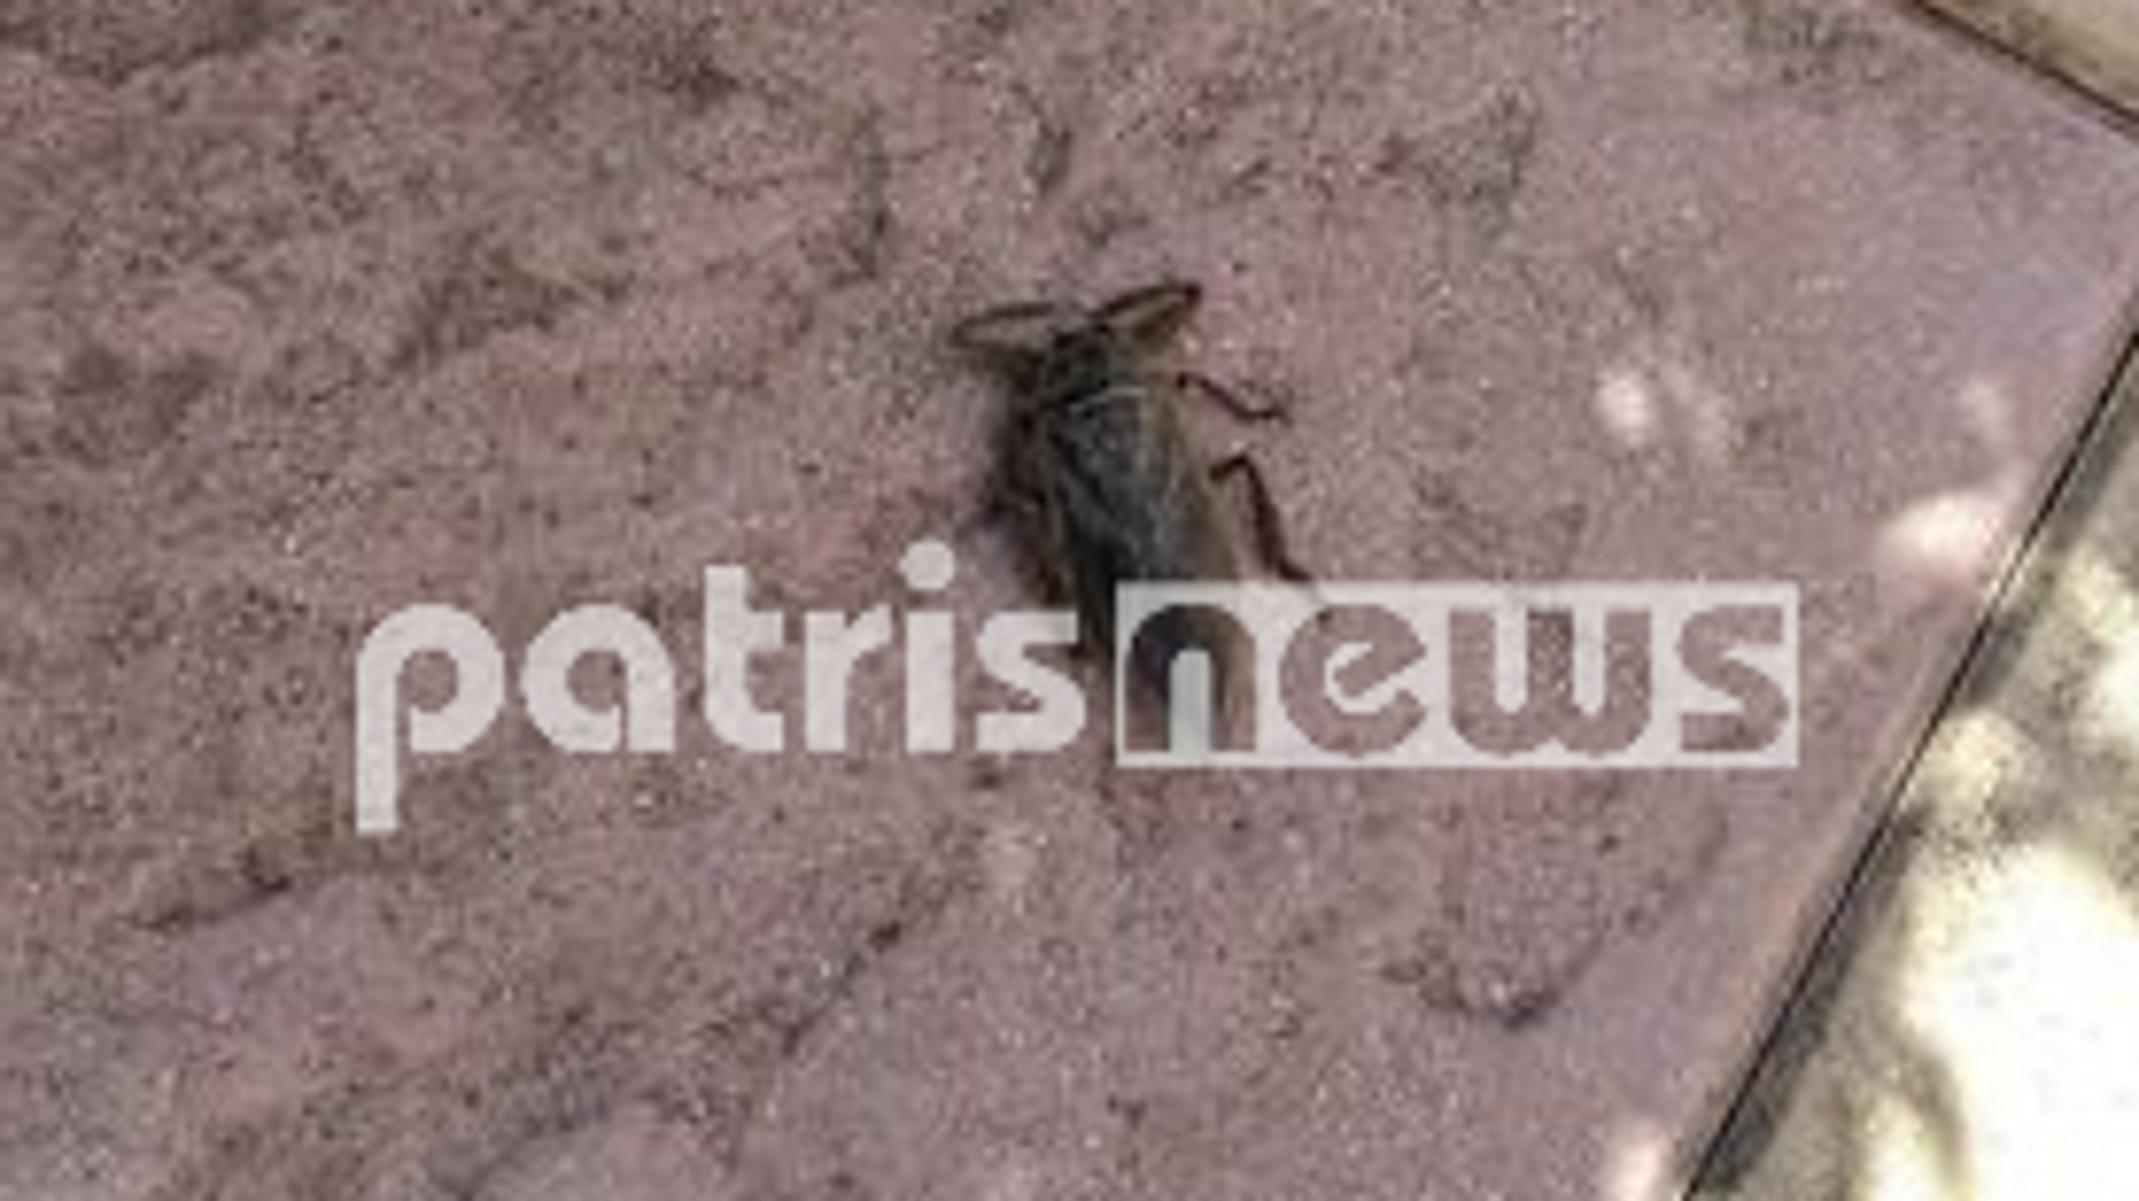 Λιθόκερος: Το δηλητηριώδες σαρκοφάγο έντομο αναστάτωσε τη Σπιάτζα